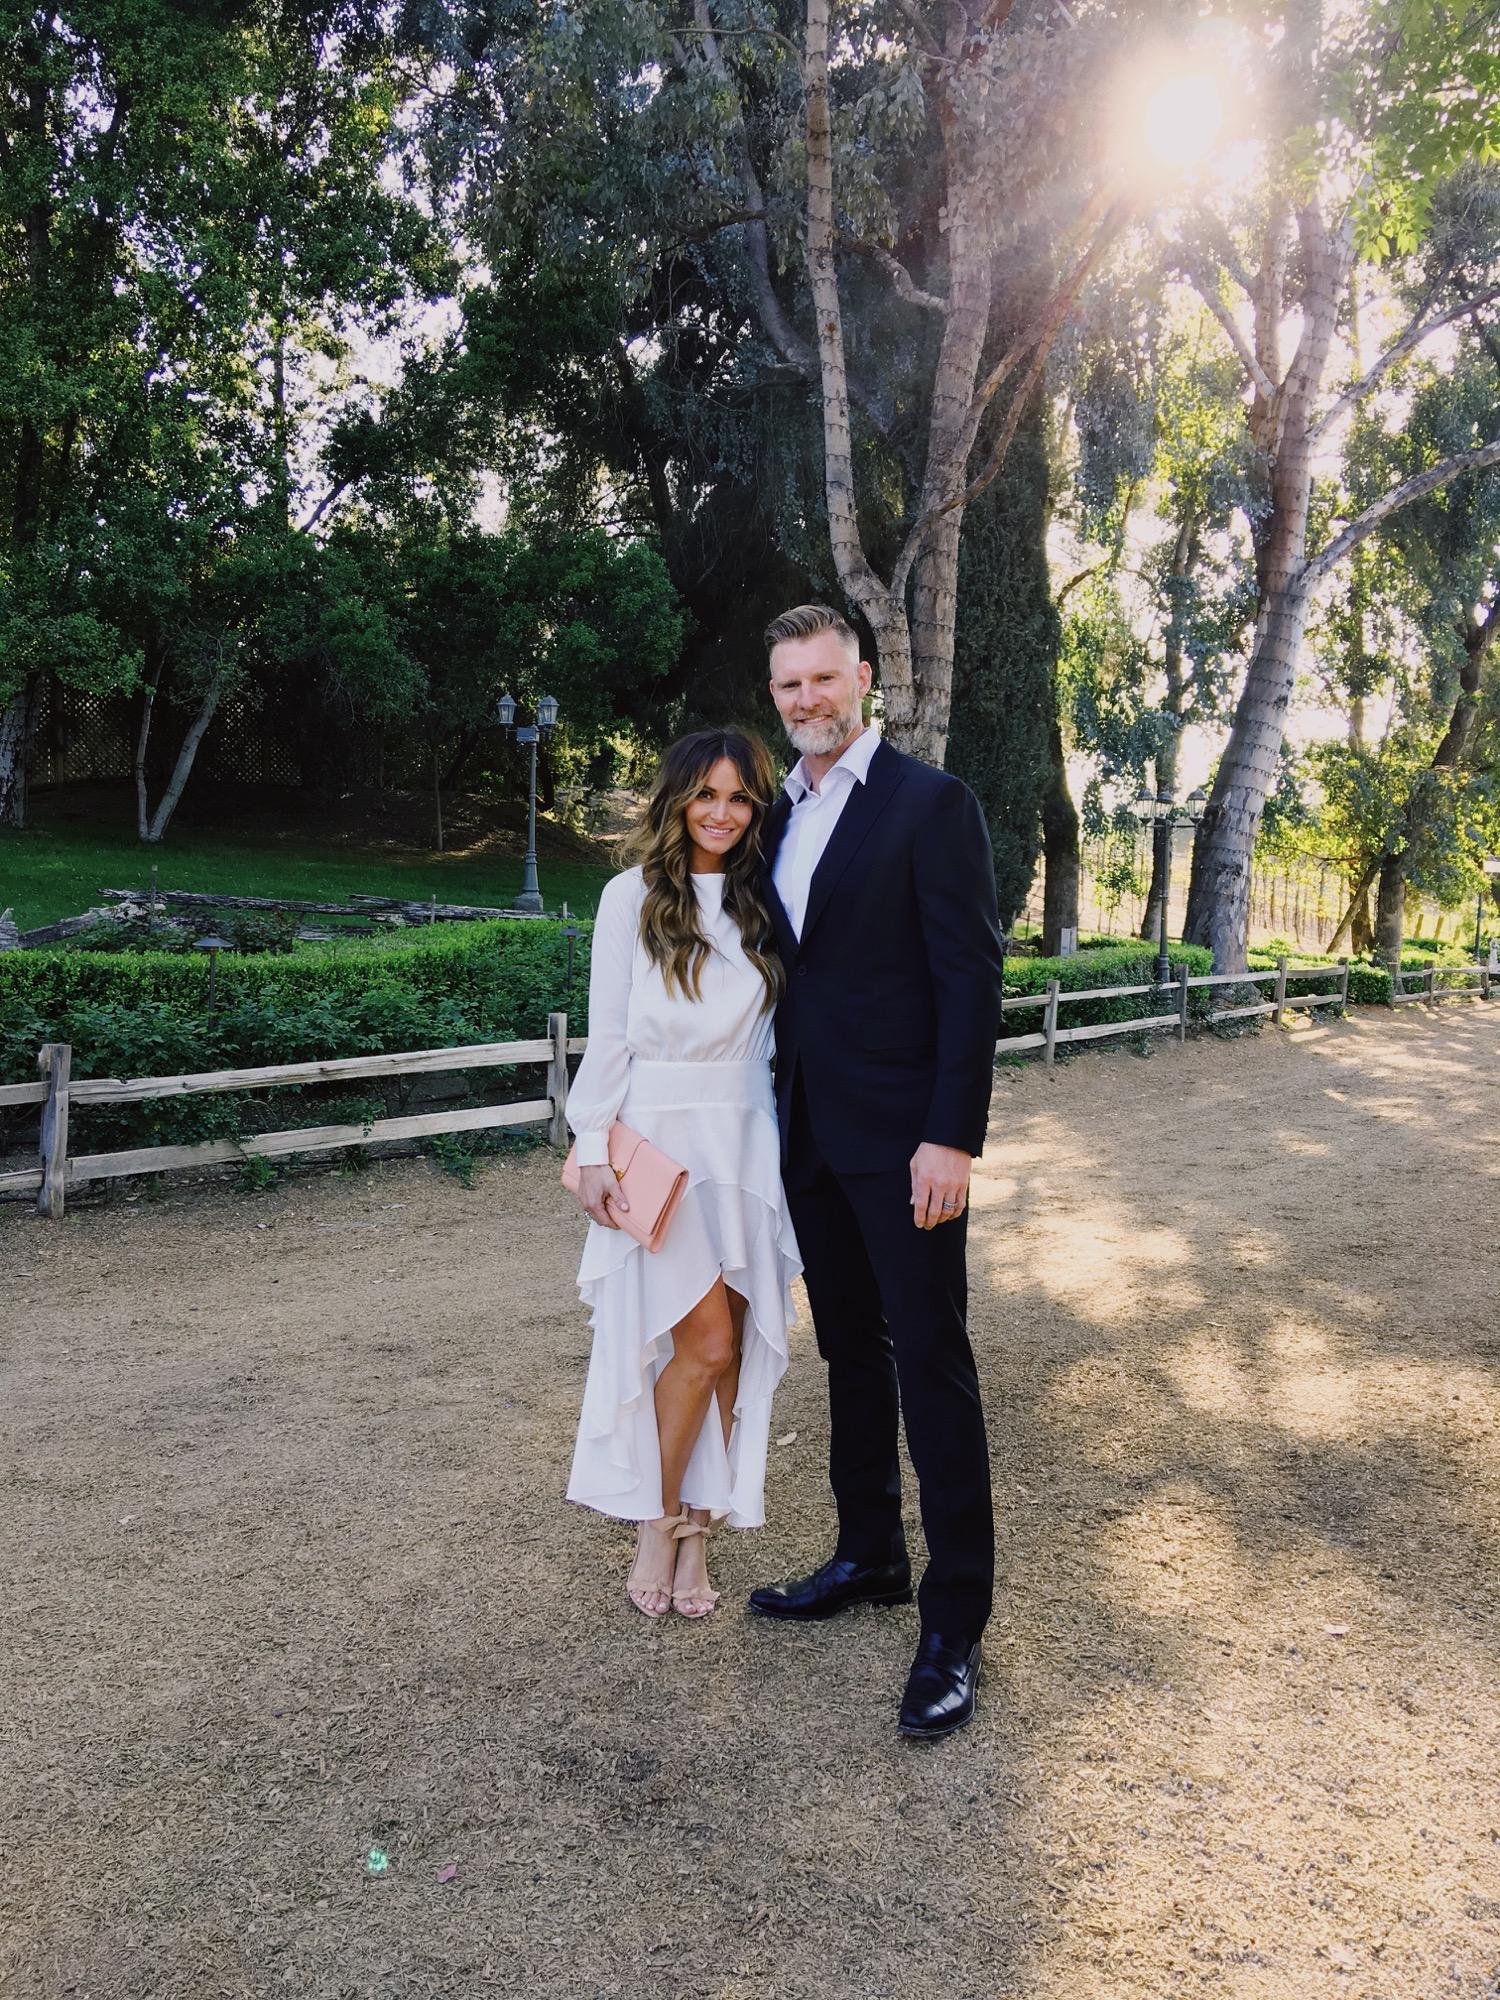 Danielle K. White & Garrett J. White